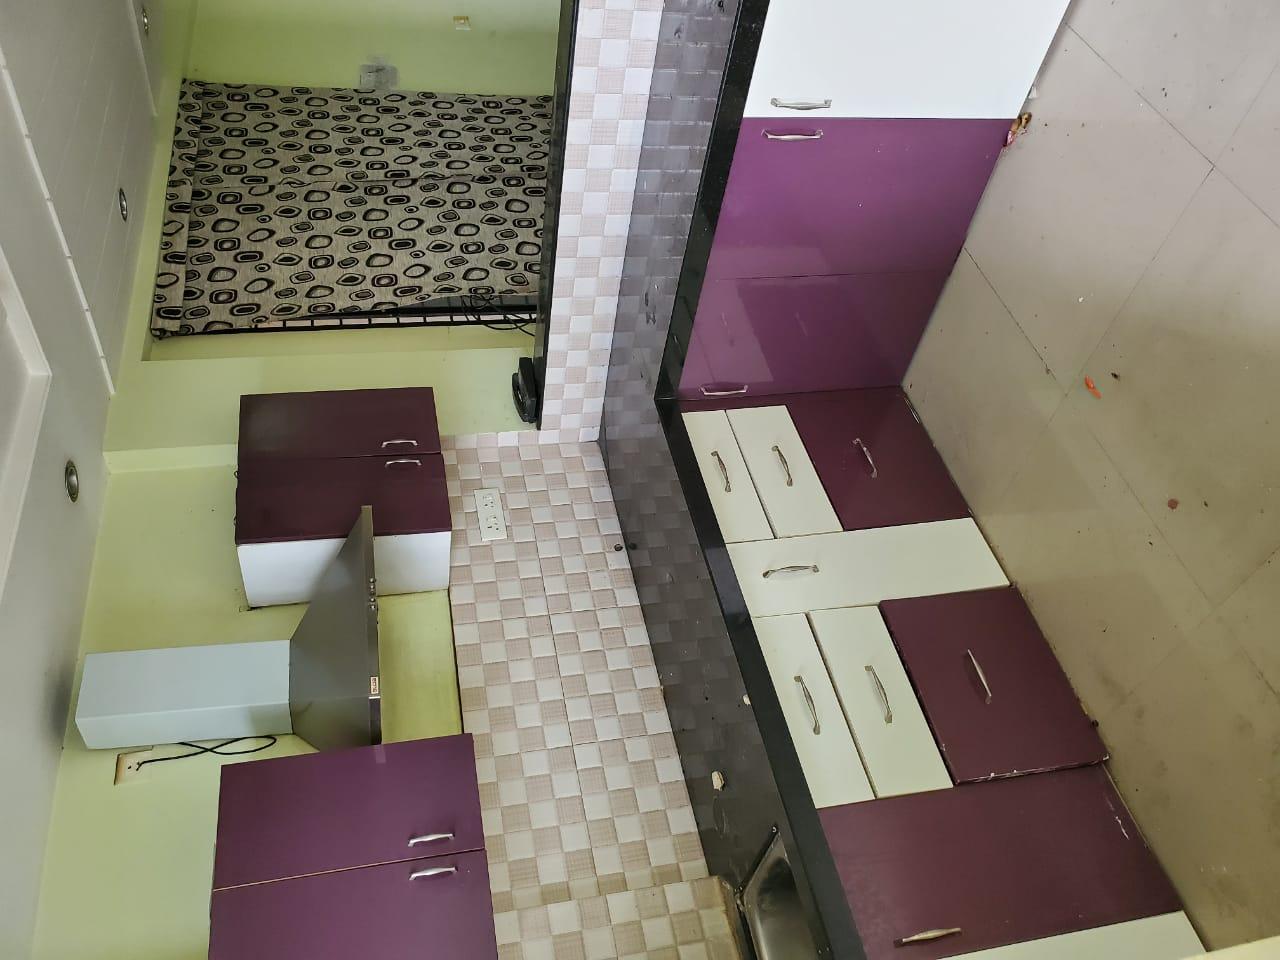 Flat in Mankapur Road